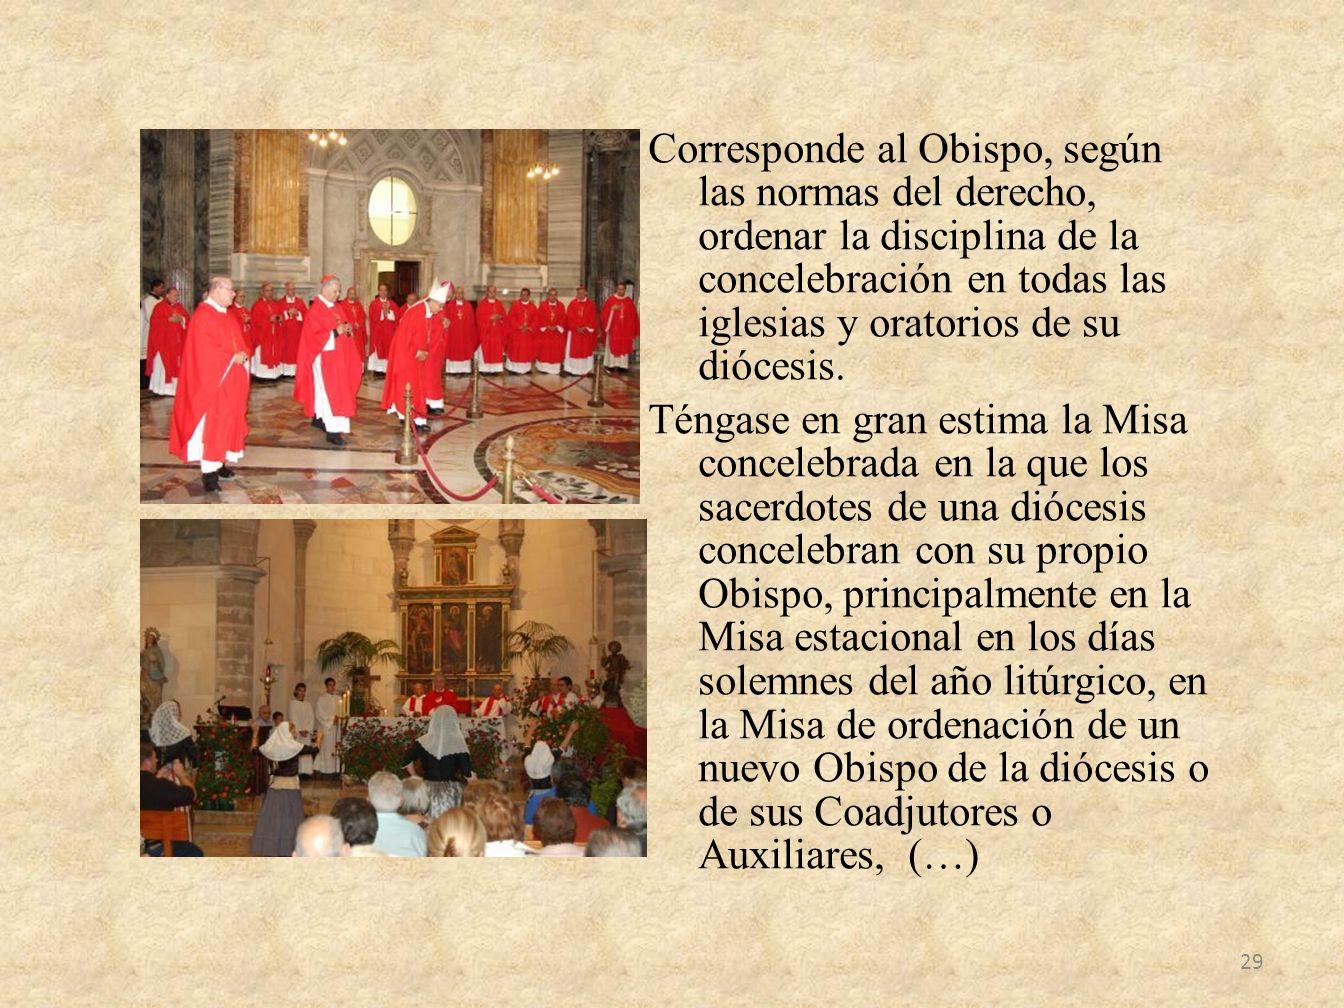 Corresponde al Obispo, según las normas del derecho, ordenar la disciplina de la concelebración en todas las iglesias y oratorios de su diócesis.